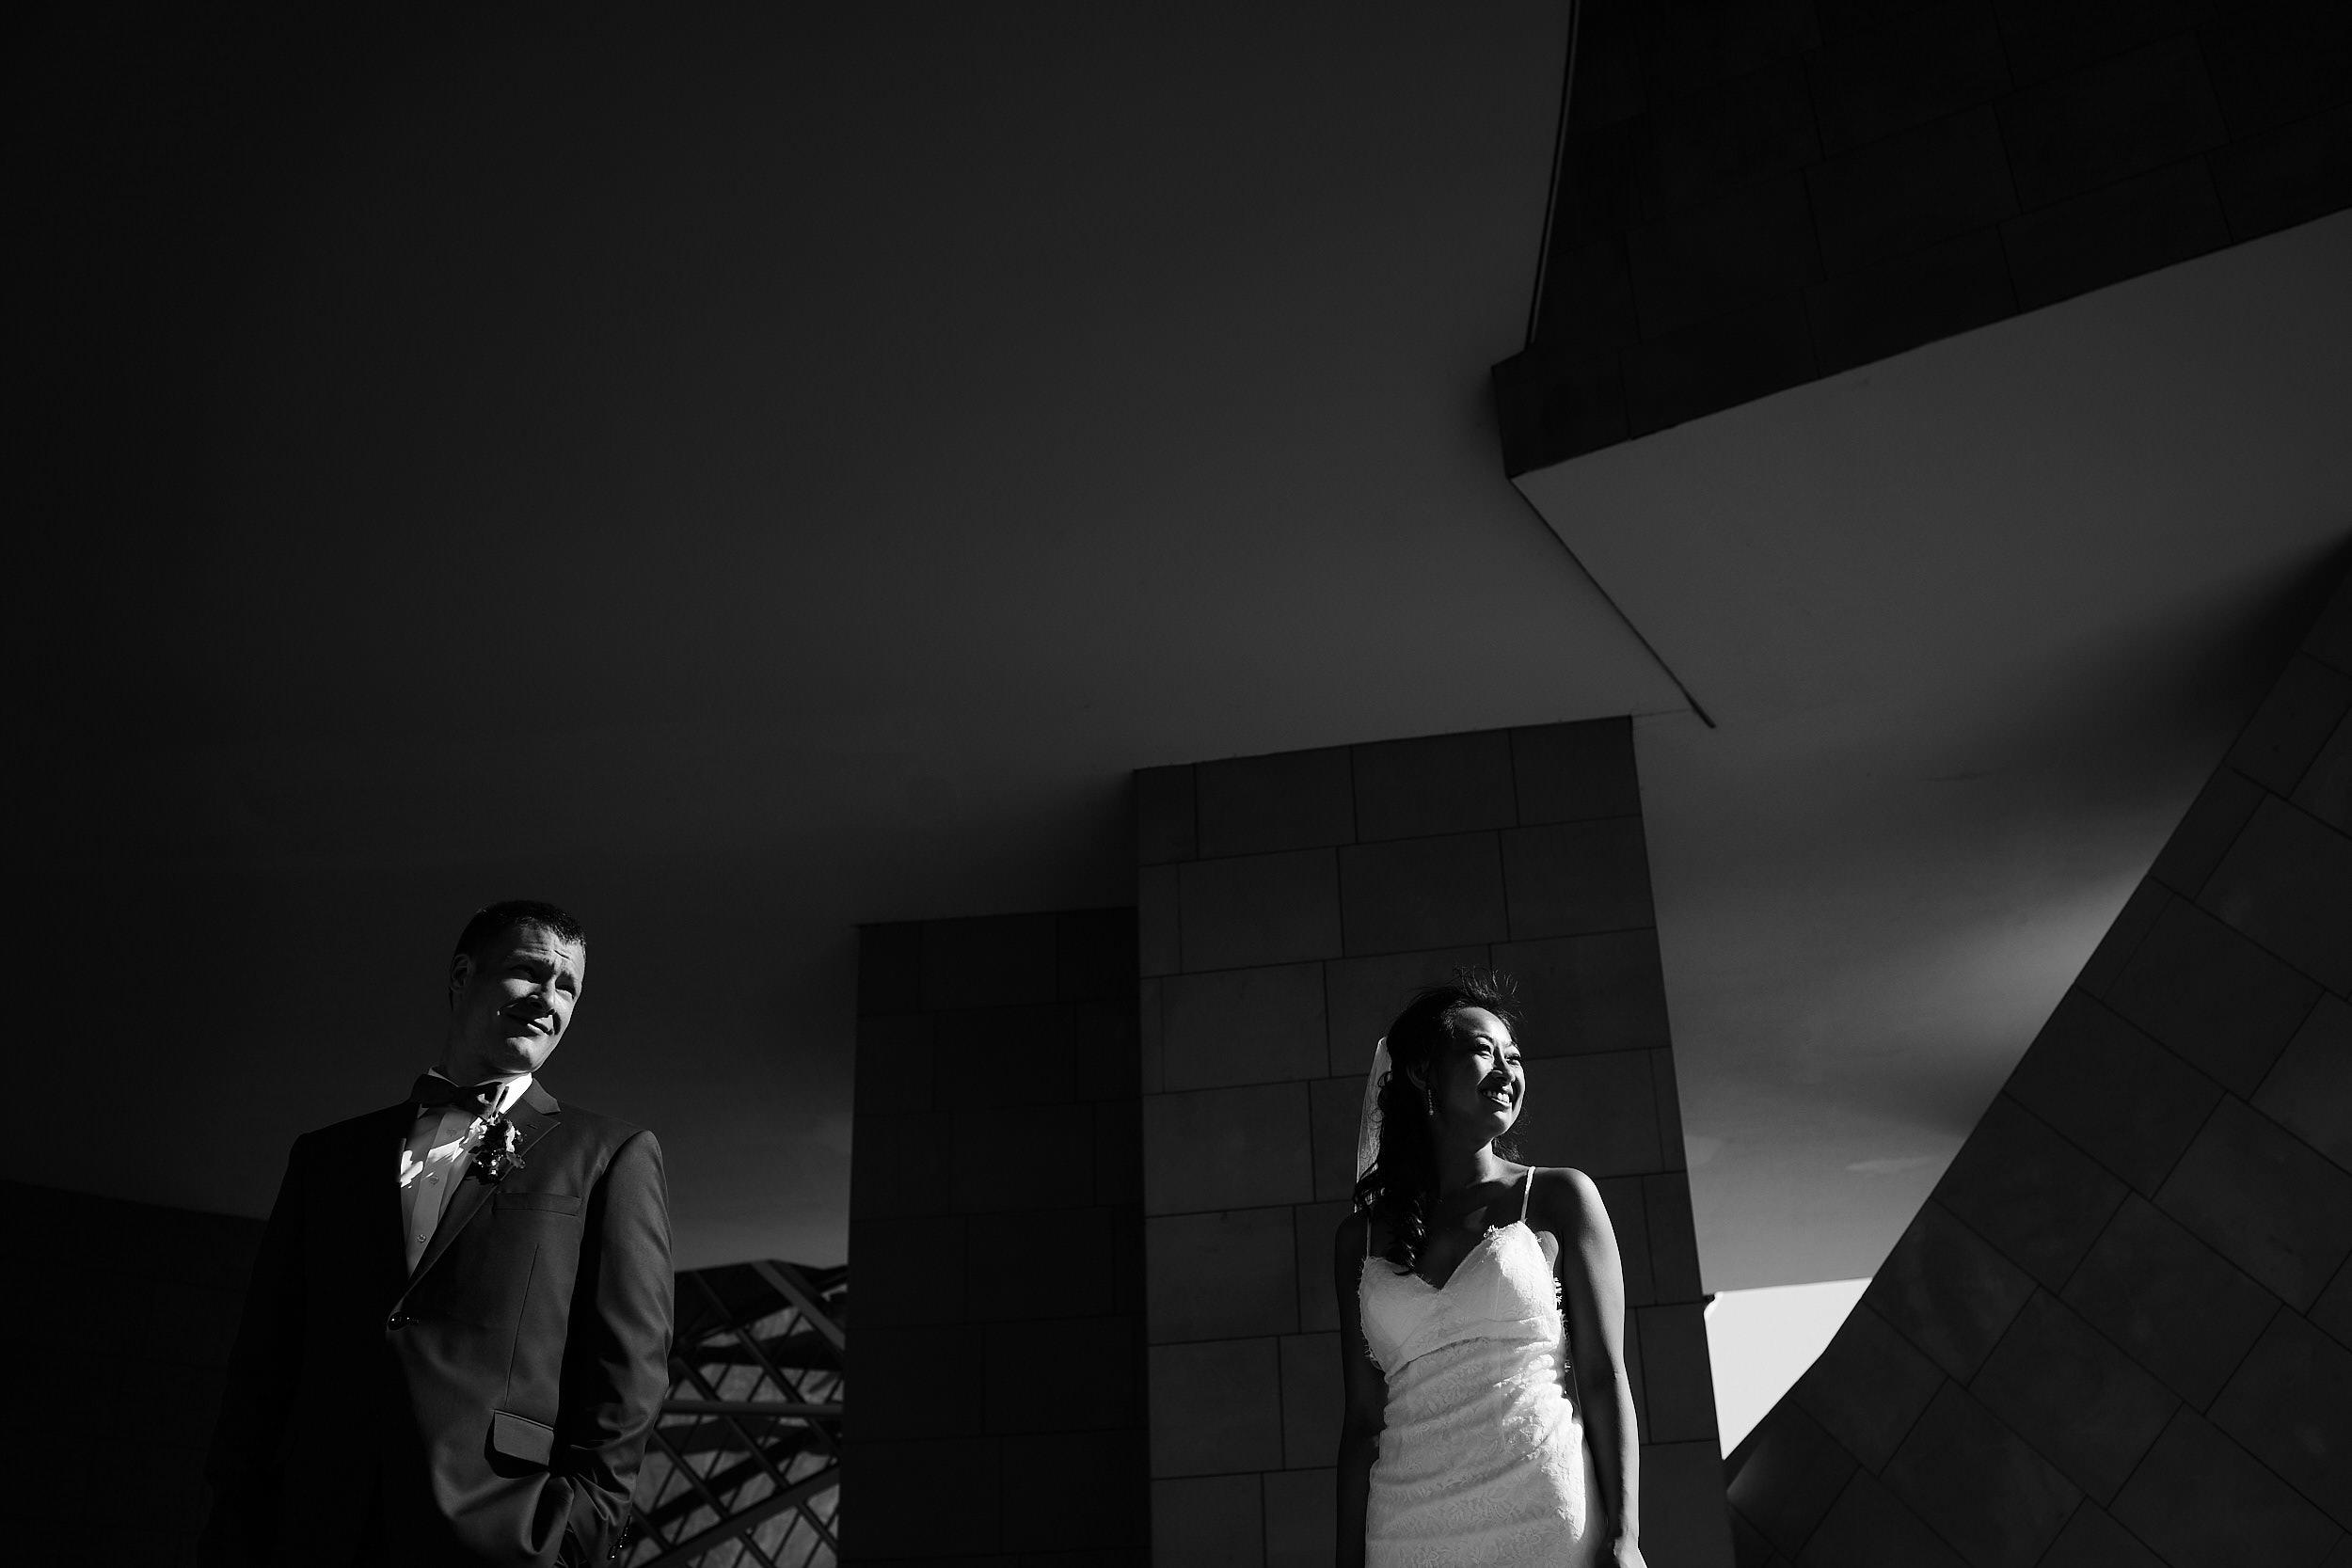 Fotografo_Boda_Pais_Vasco_Marques_De_Riscal_Elciego_Alava_Sturcke19.jpg